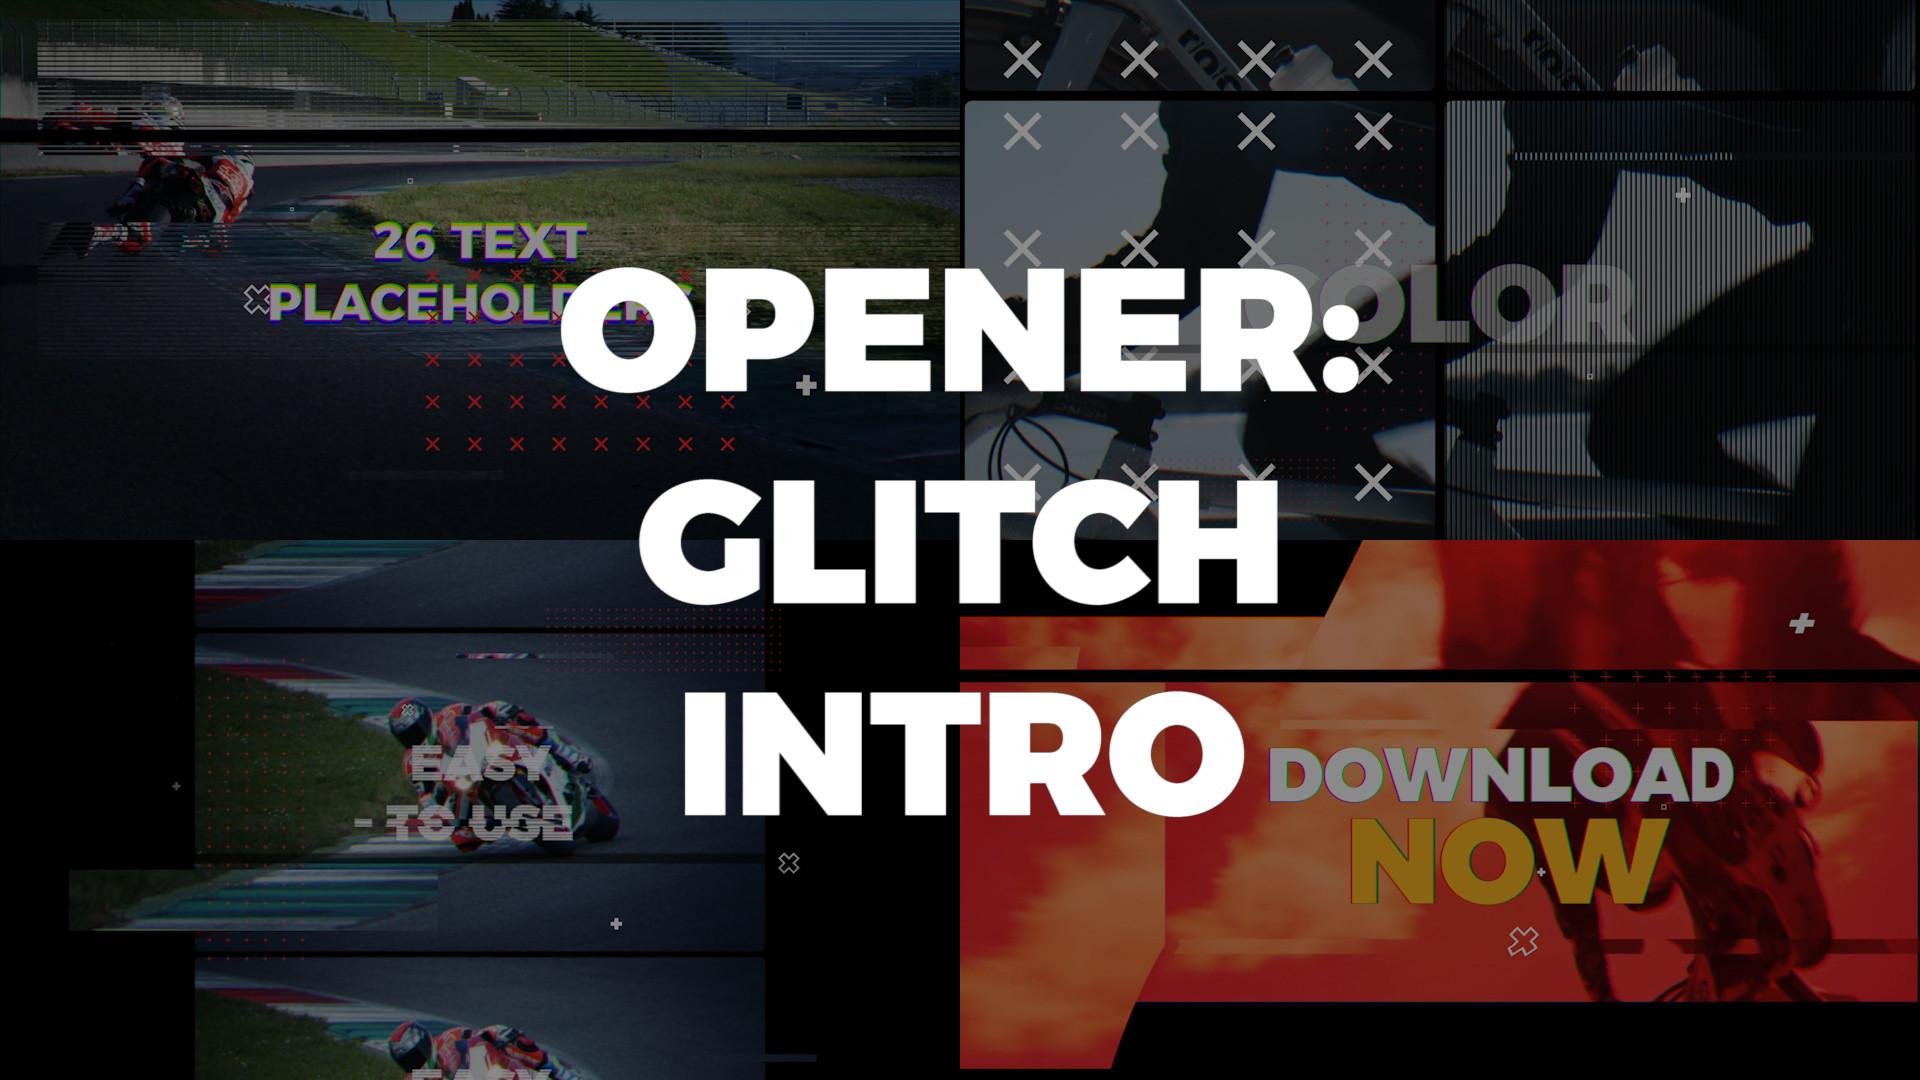 Glitch Intro - Premiere Pro Templates 85499